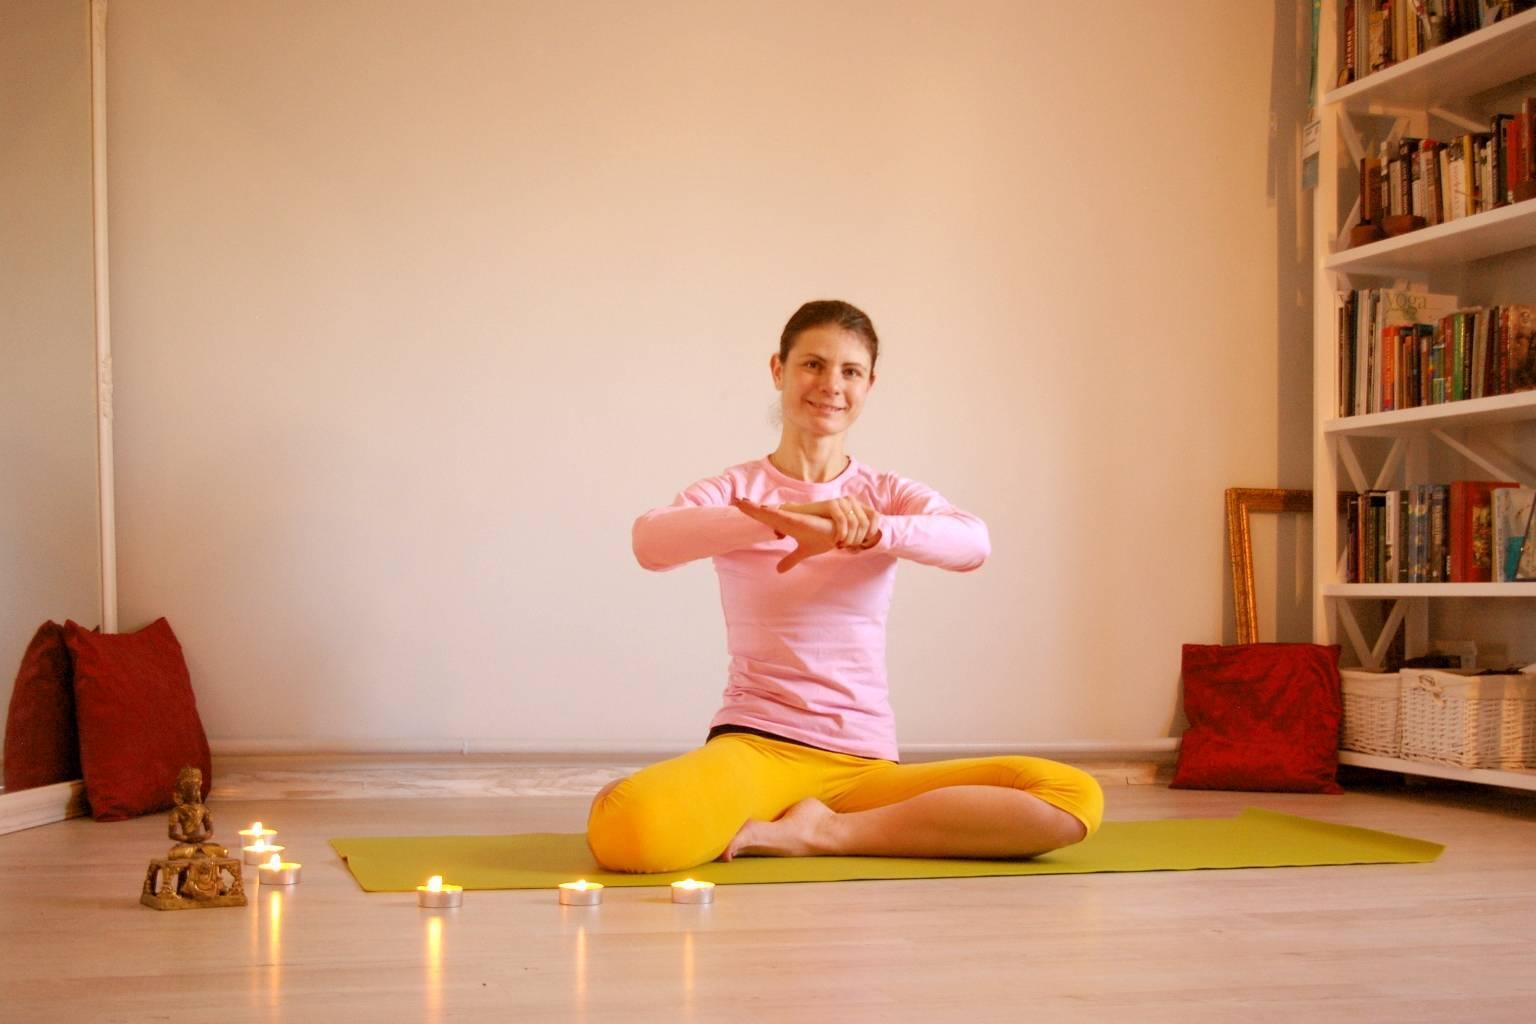 Медитация при бессоннице шабад крия: как расслабиться и уснуть?